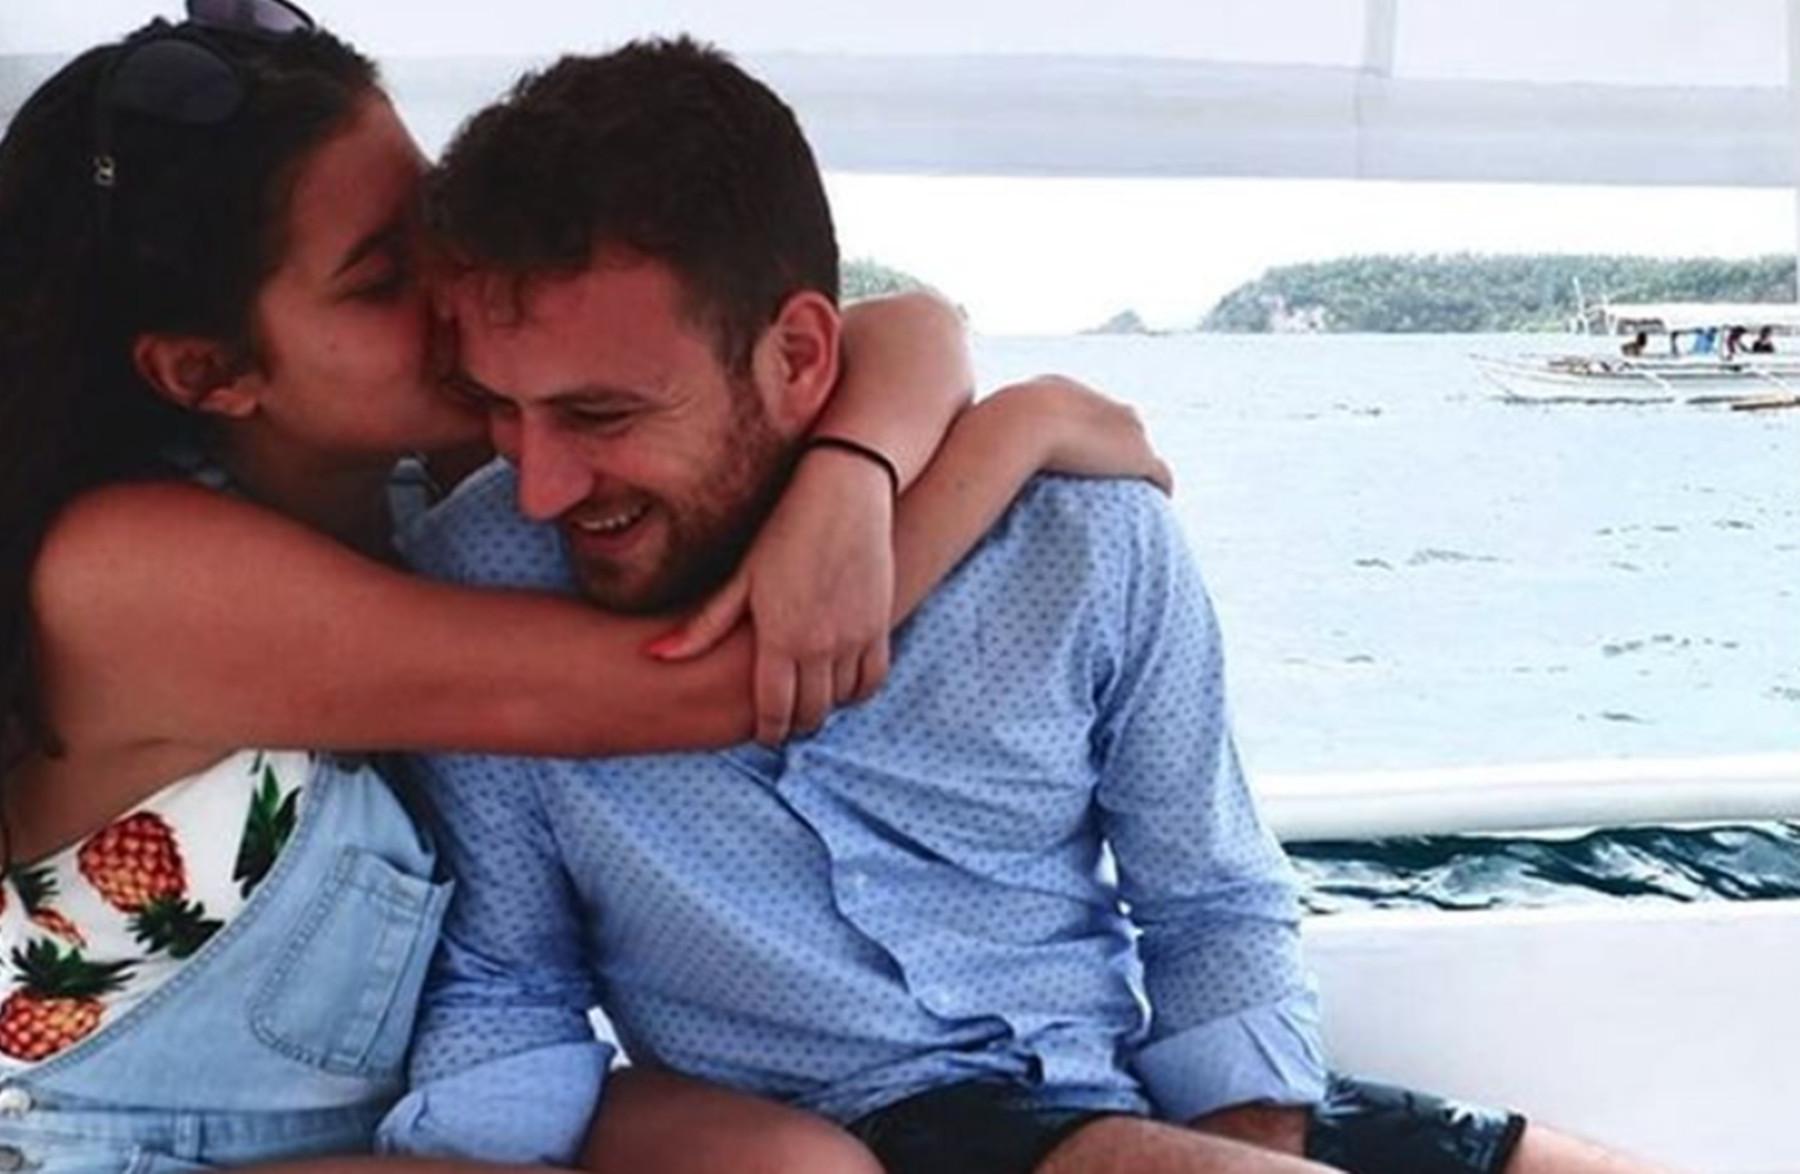 Κηδεία Κάρολαιν: «Είμαι τυχερός που είσαι η μητέρα του παιδιού μου», συγκινεί ο σύζυγός της   Alphafreepress.gr